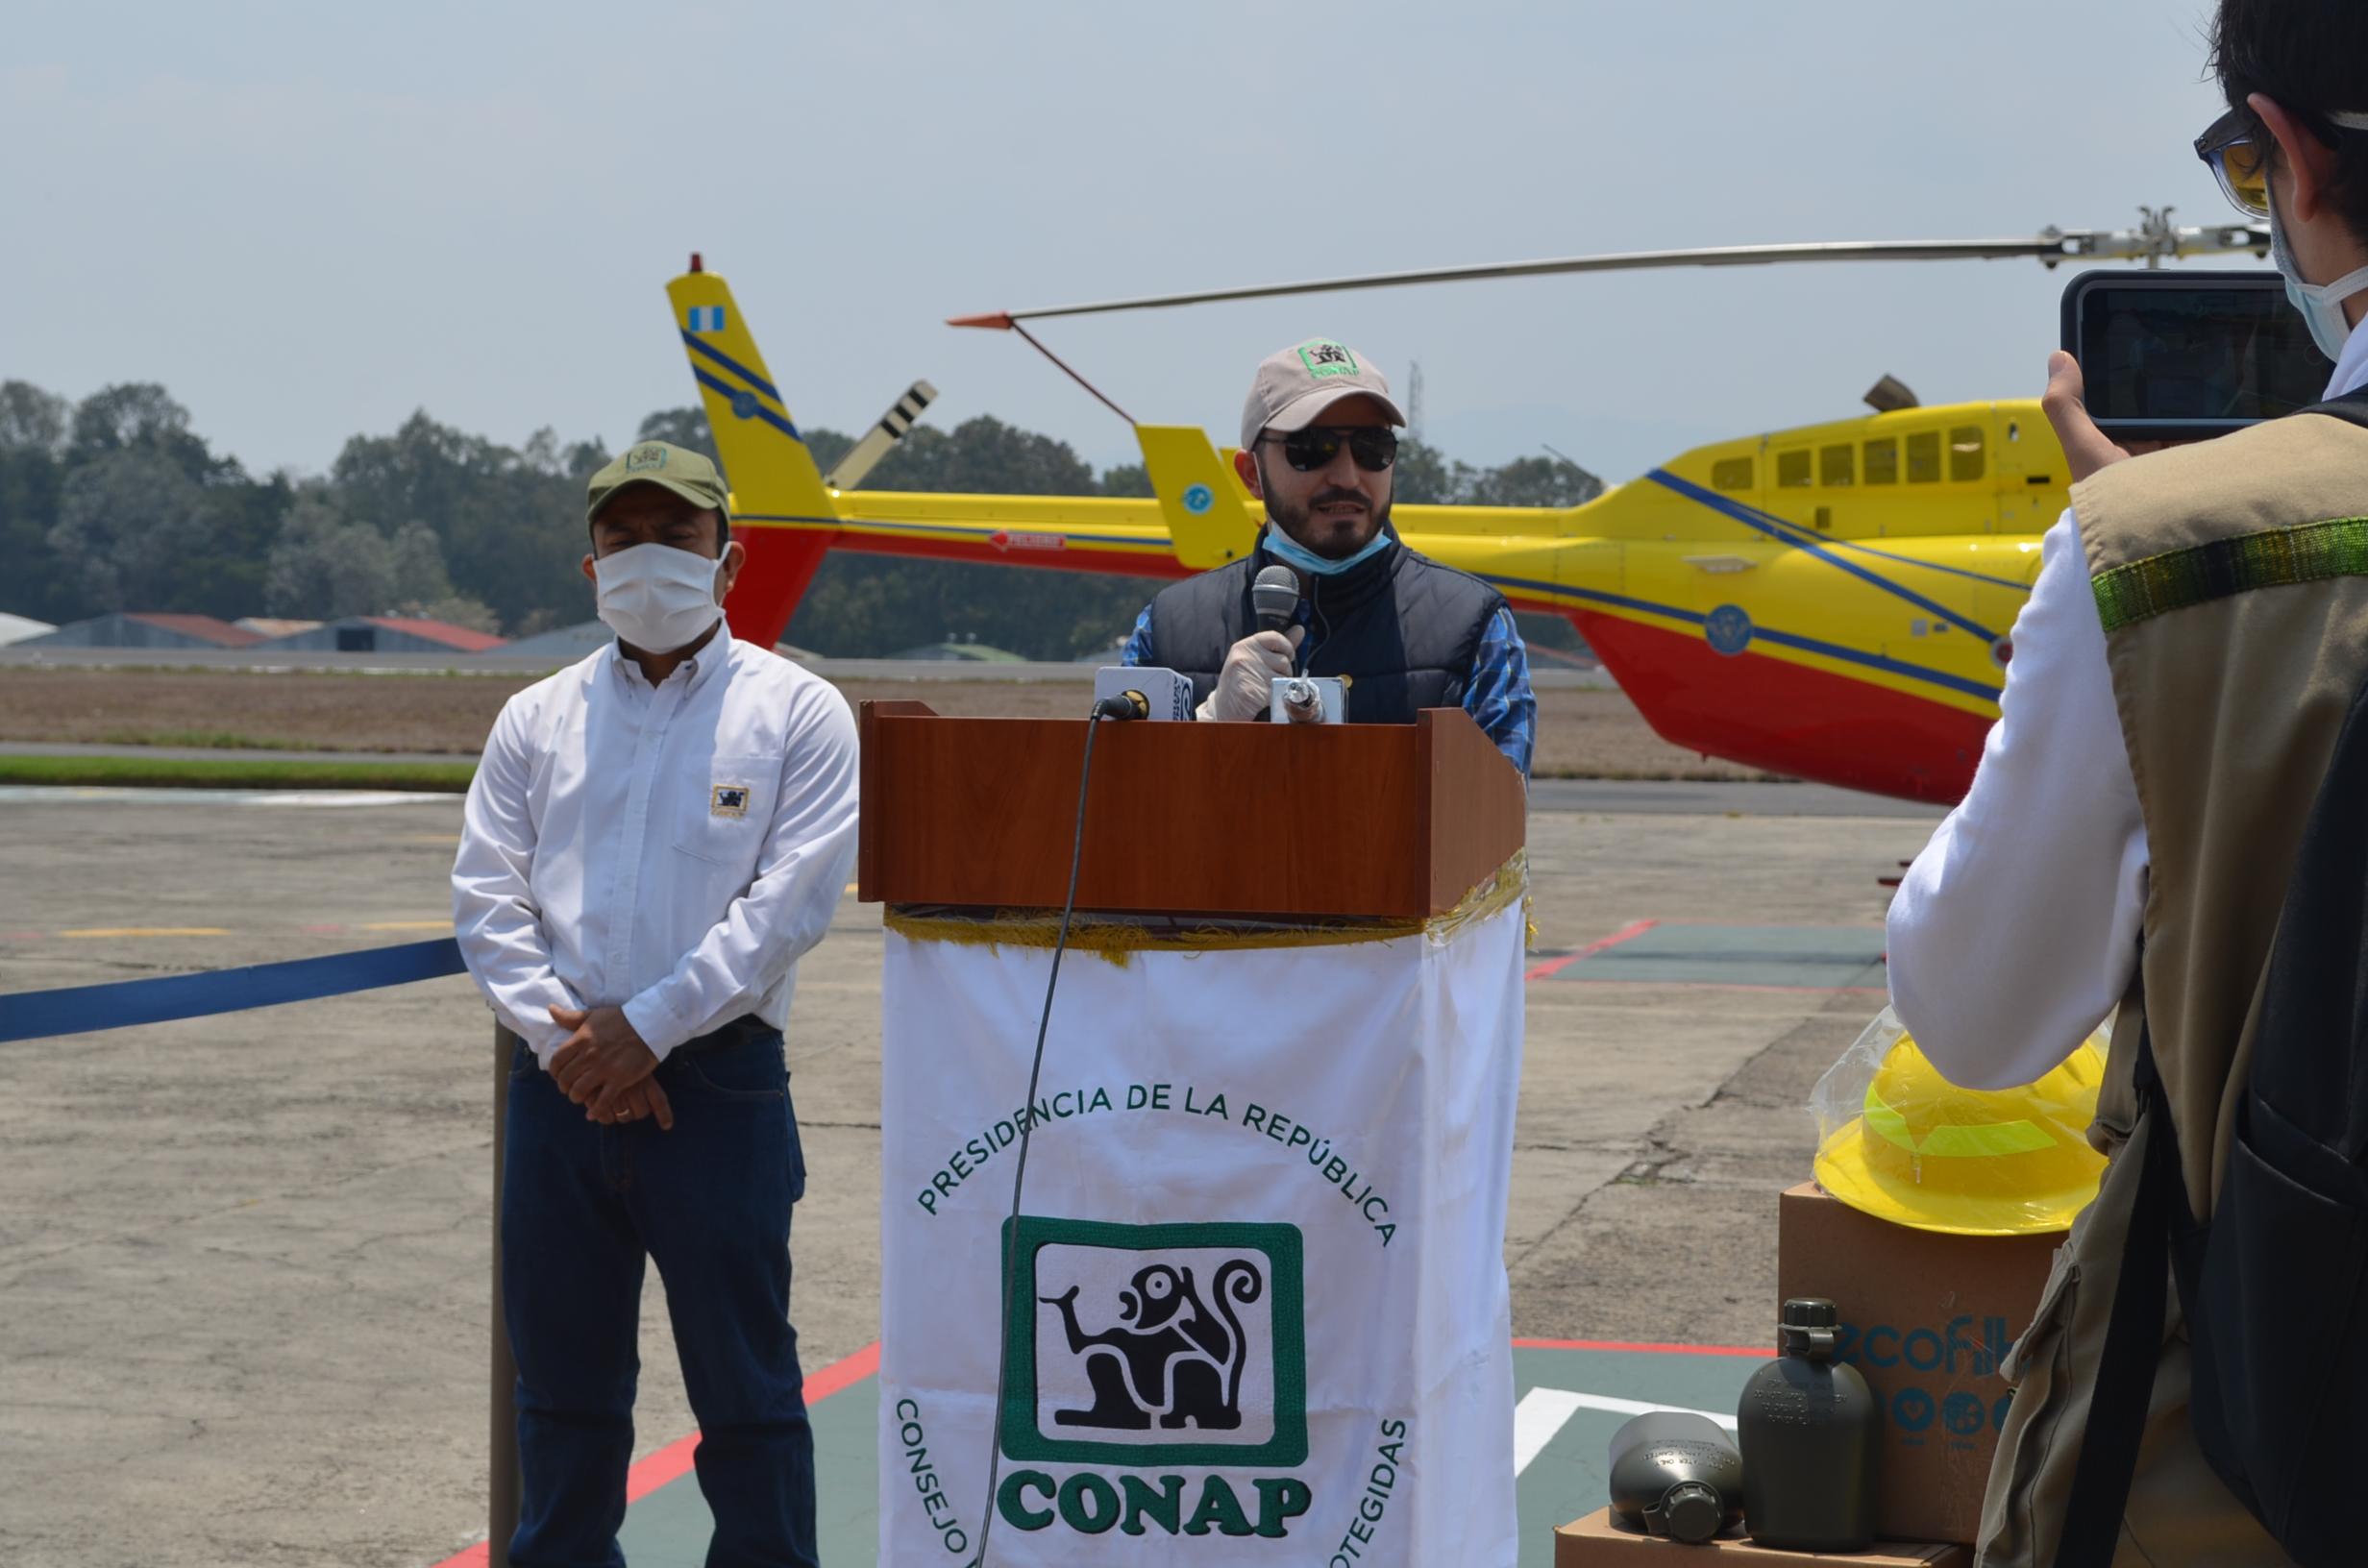 Subsecretario Ejecutivo del CONAP es designado como enlace permanente del despacho para temas de incendios forestales en Petén